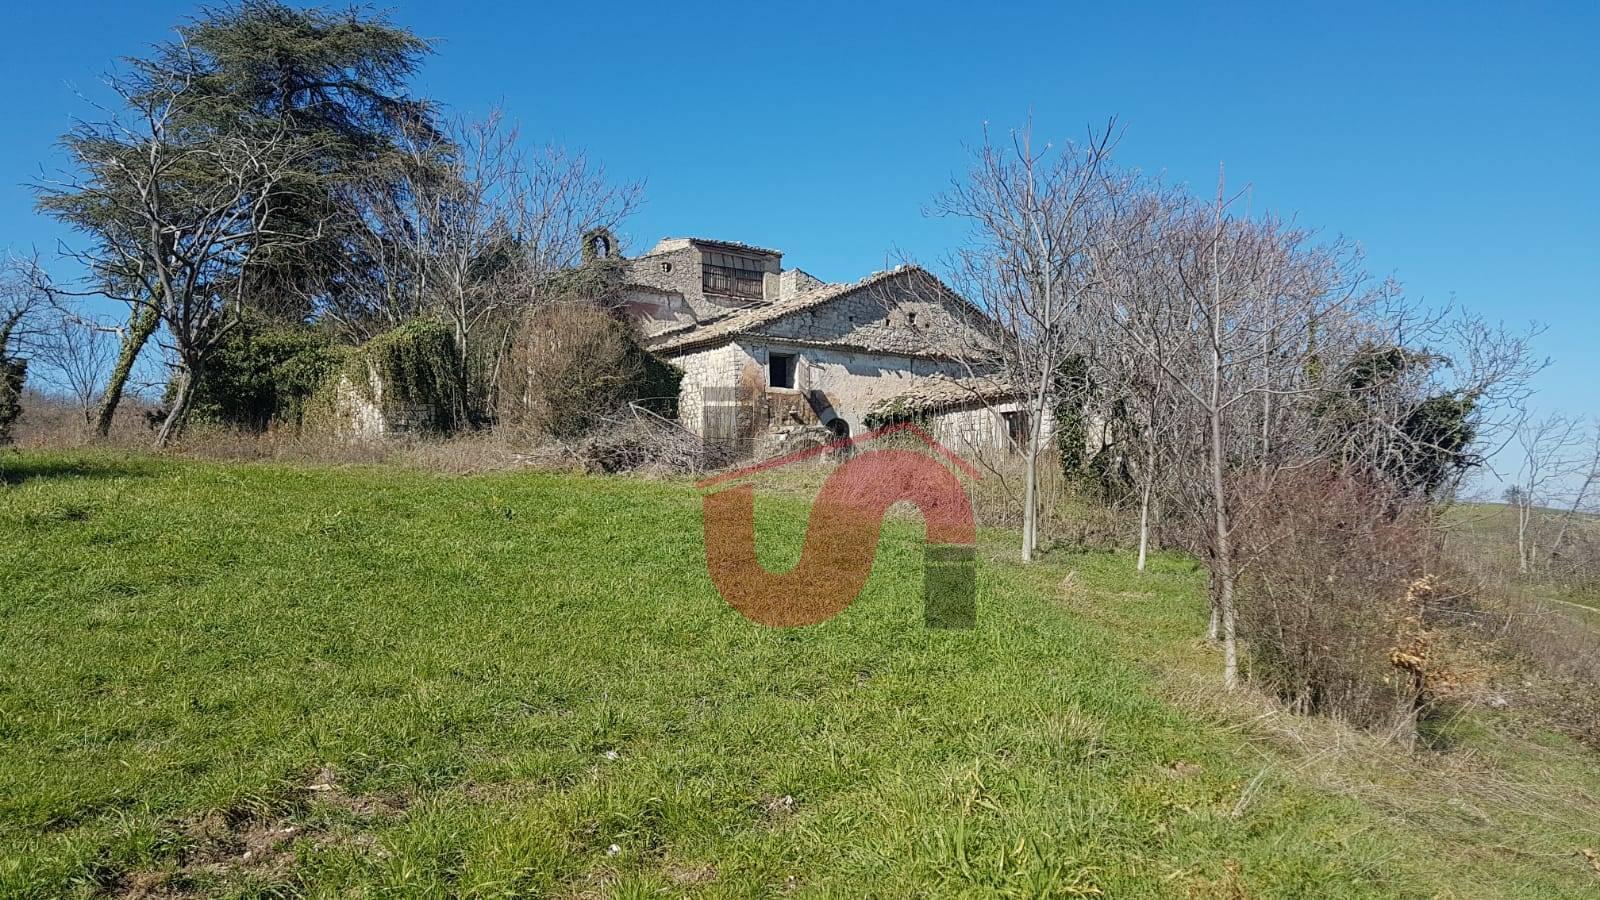 Rustico / Casale in vendita a Riccia, 15 locali, prezzo € 166.000 | CambioCasa.it